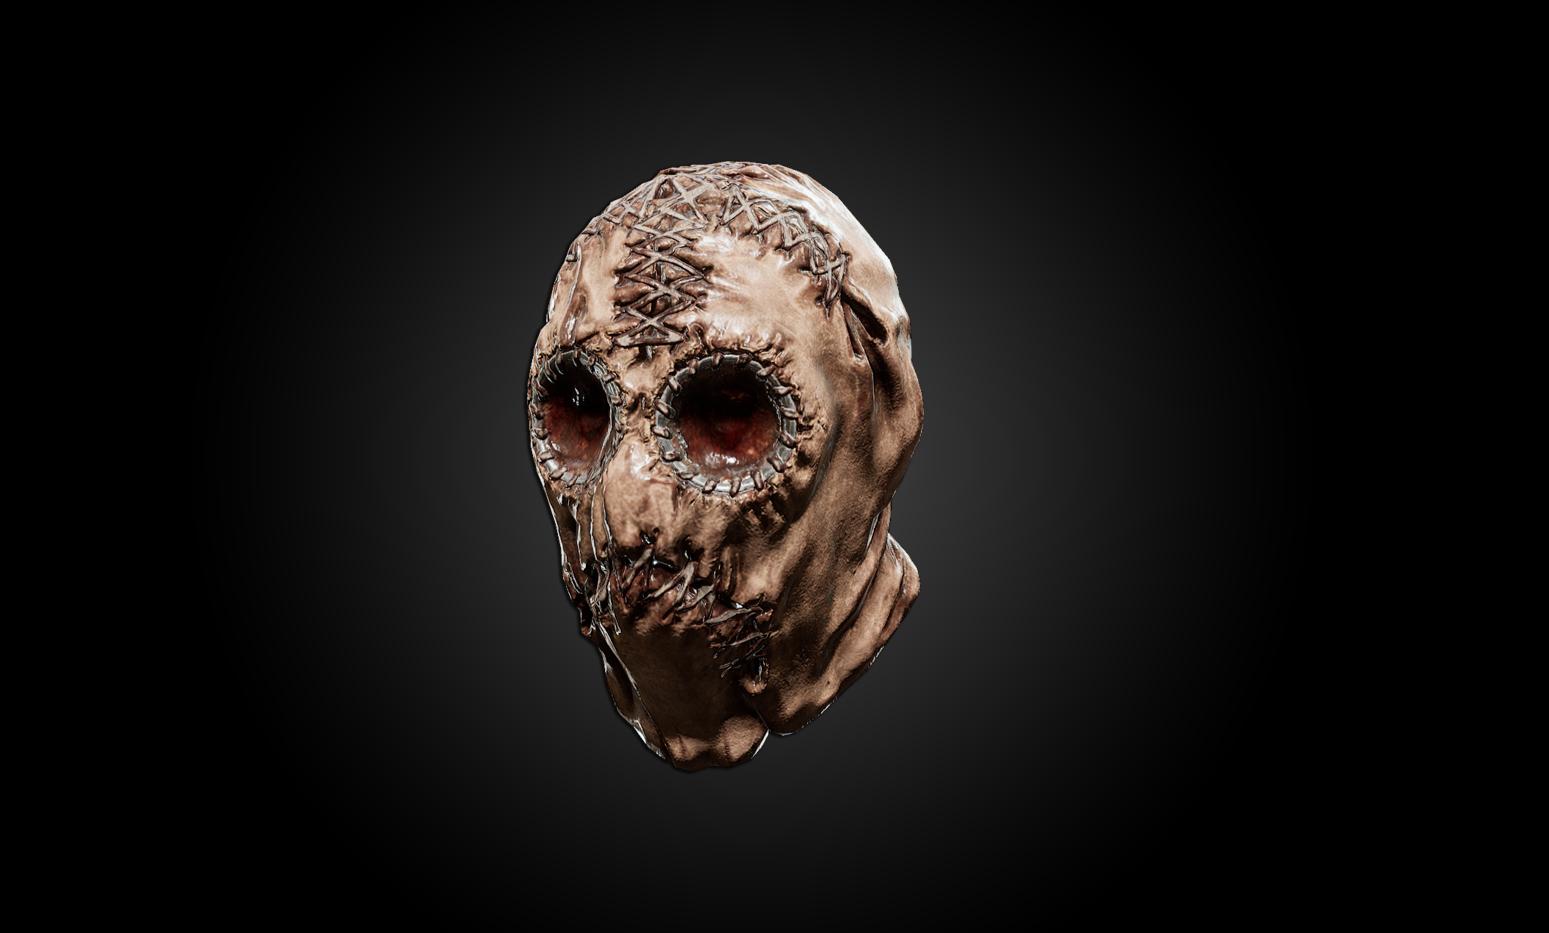 In Scum könnt Ihr nun eine Maske aus Menschenhaut tragen